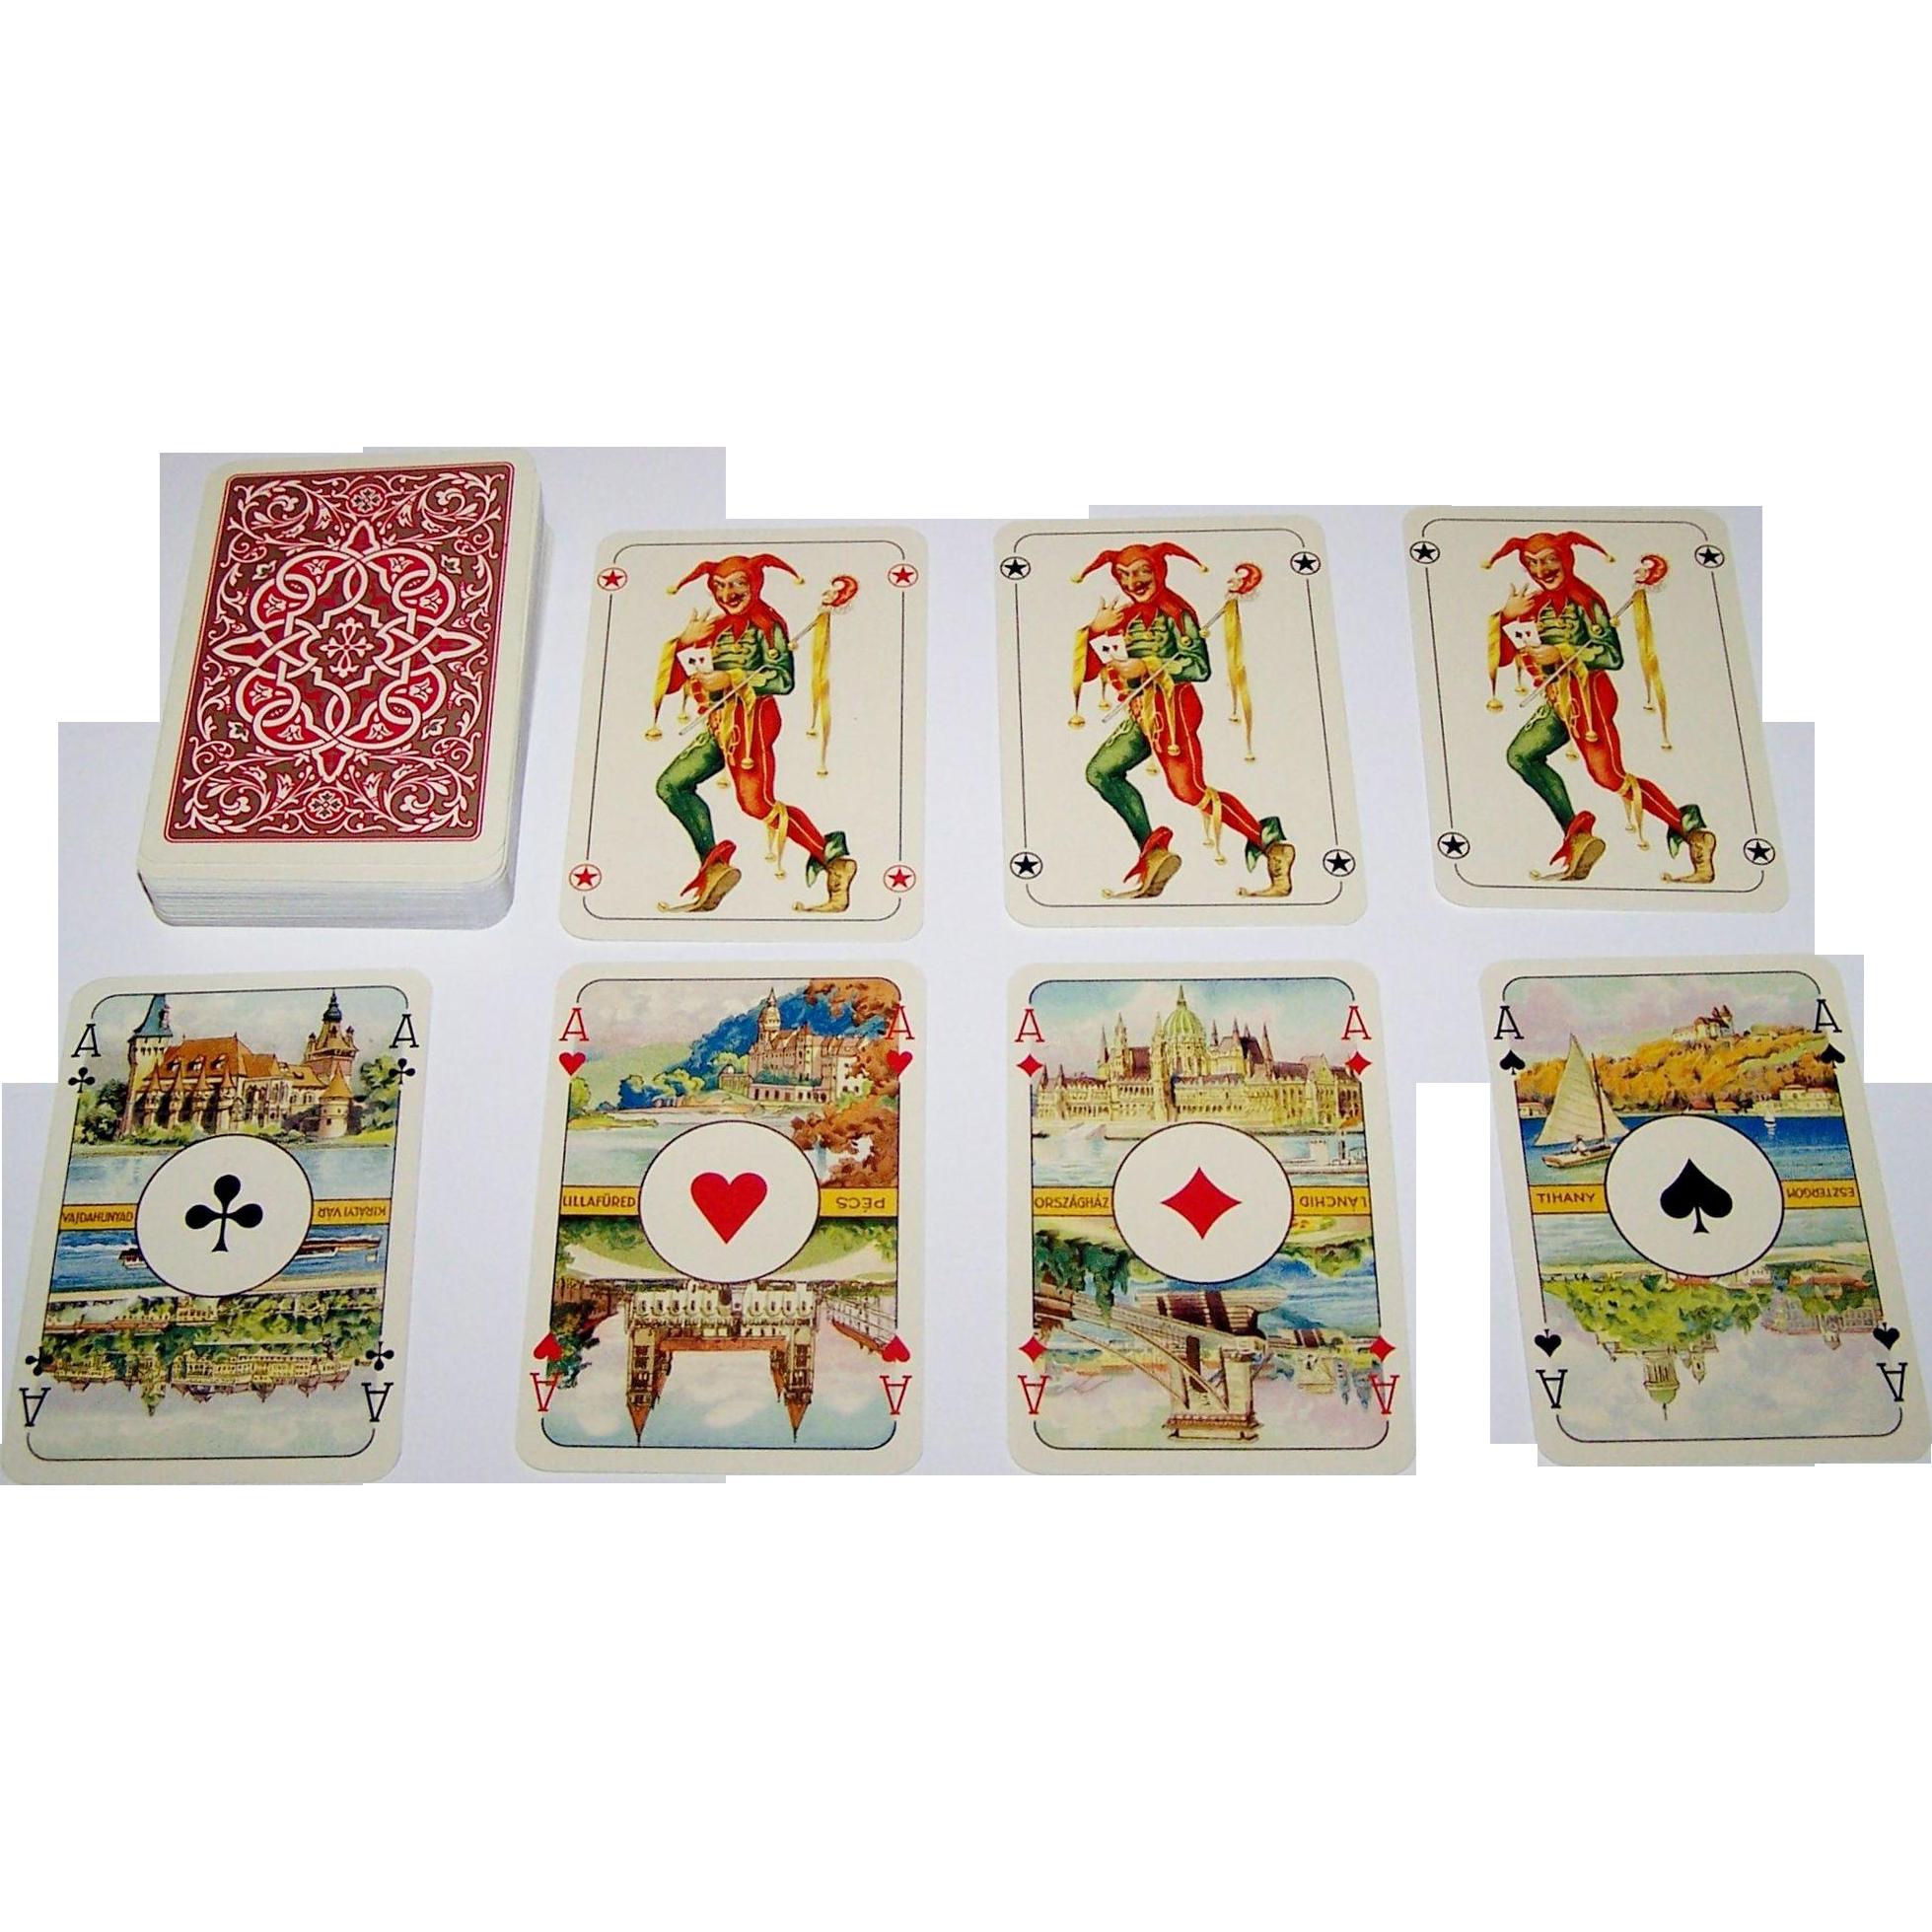 """Offset es Jatekkartya Nyomda """"Magyar Kiralyok"""" (""""Hungarian Kings"""") Playing Cards"""